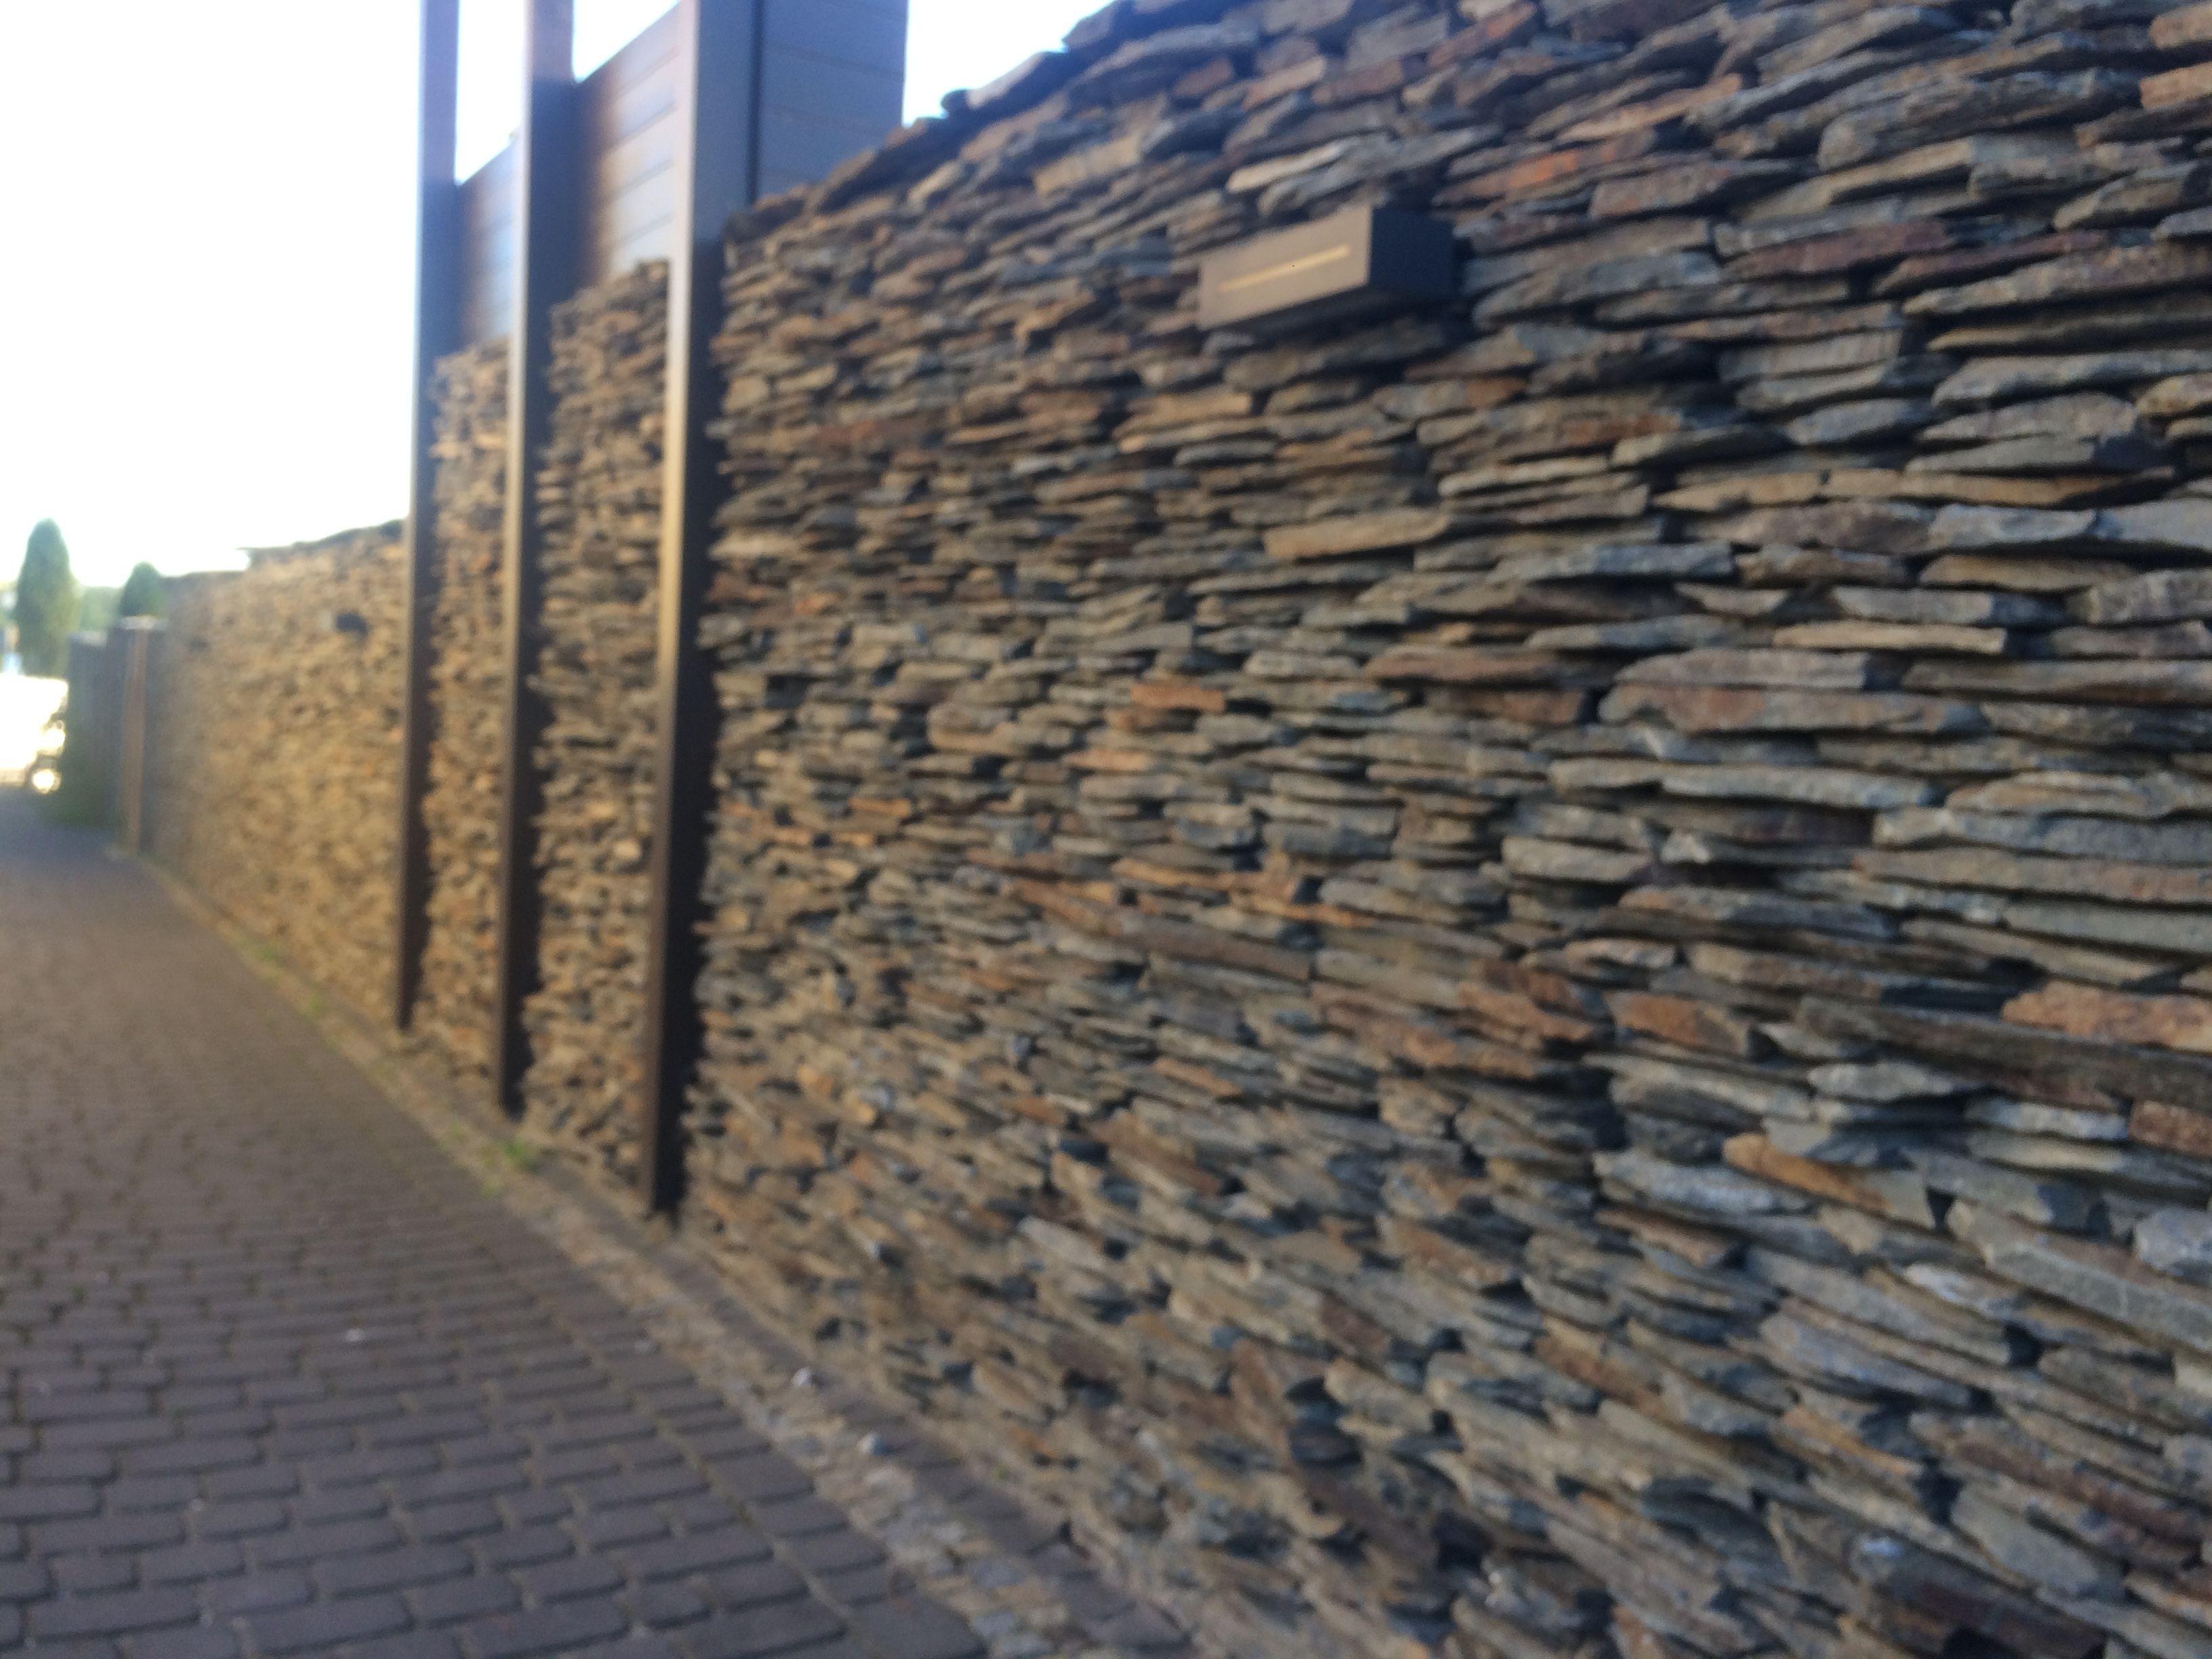 Kamienny mur wykonany z łupka szaroglazowego